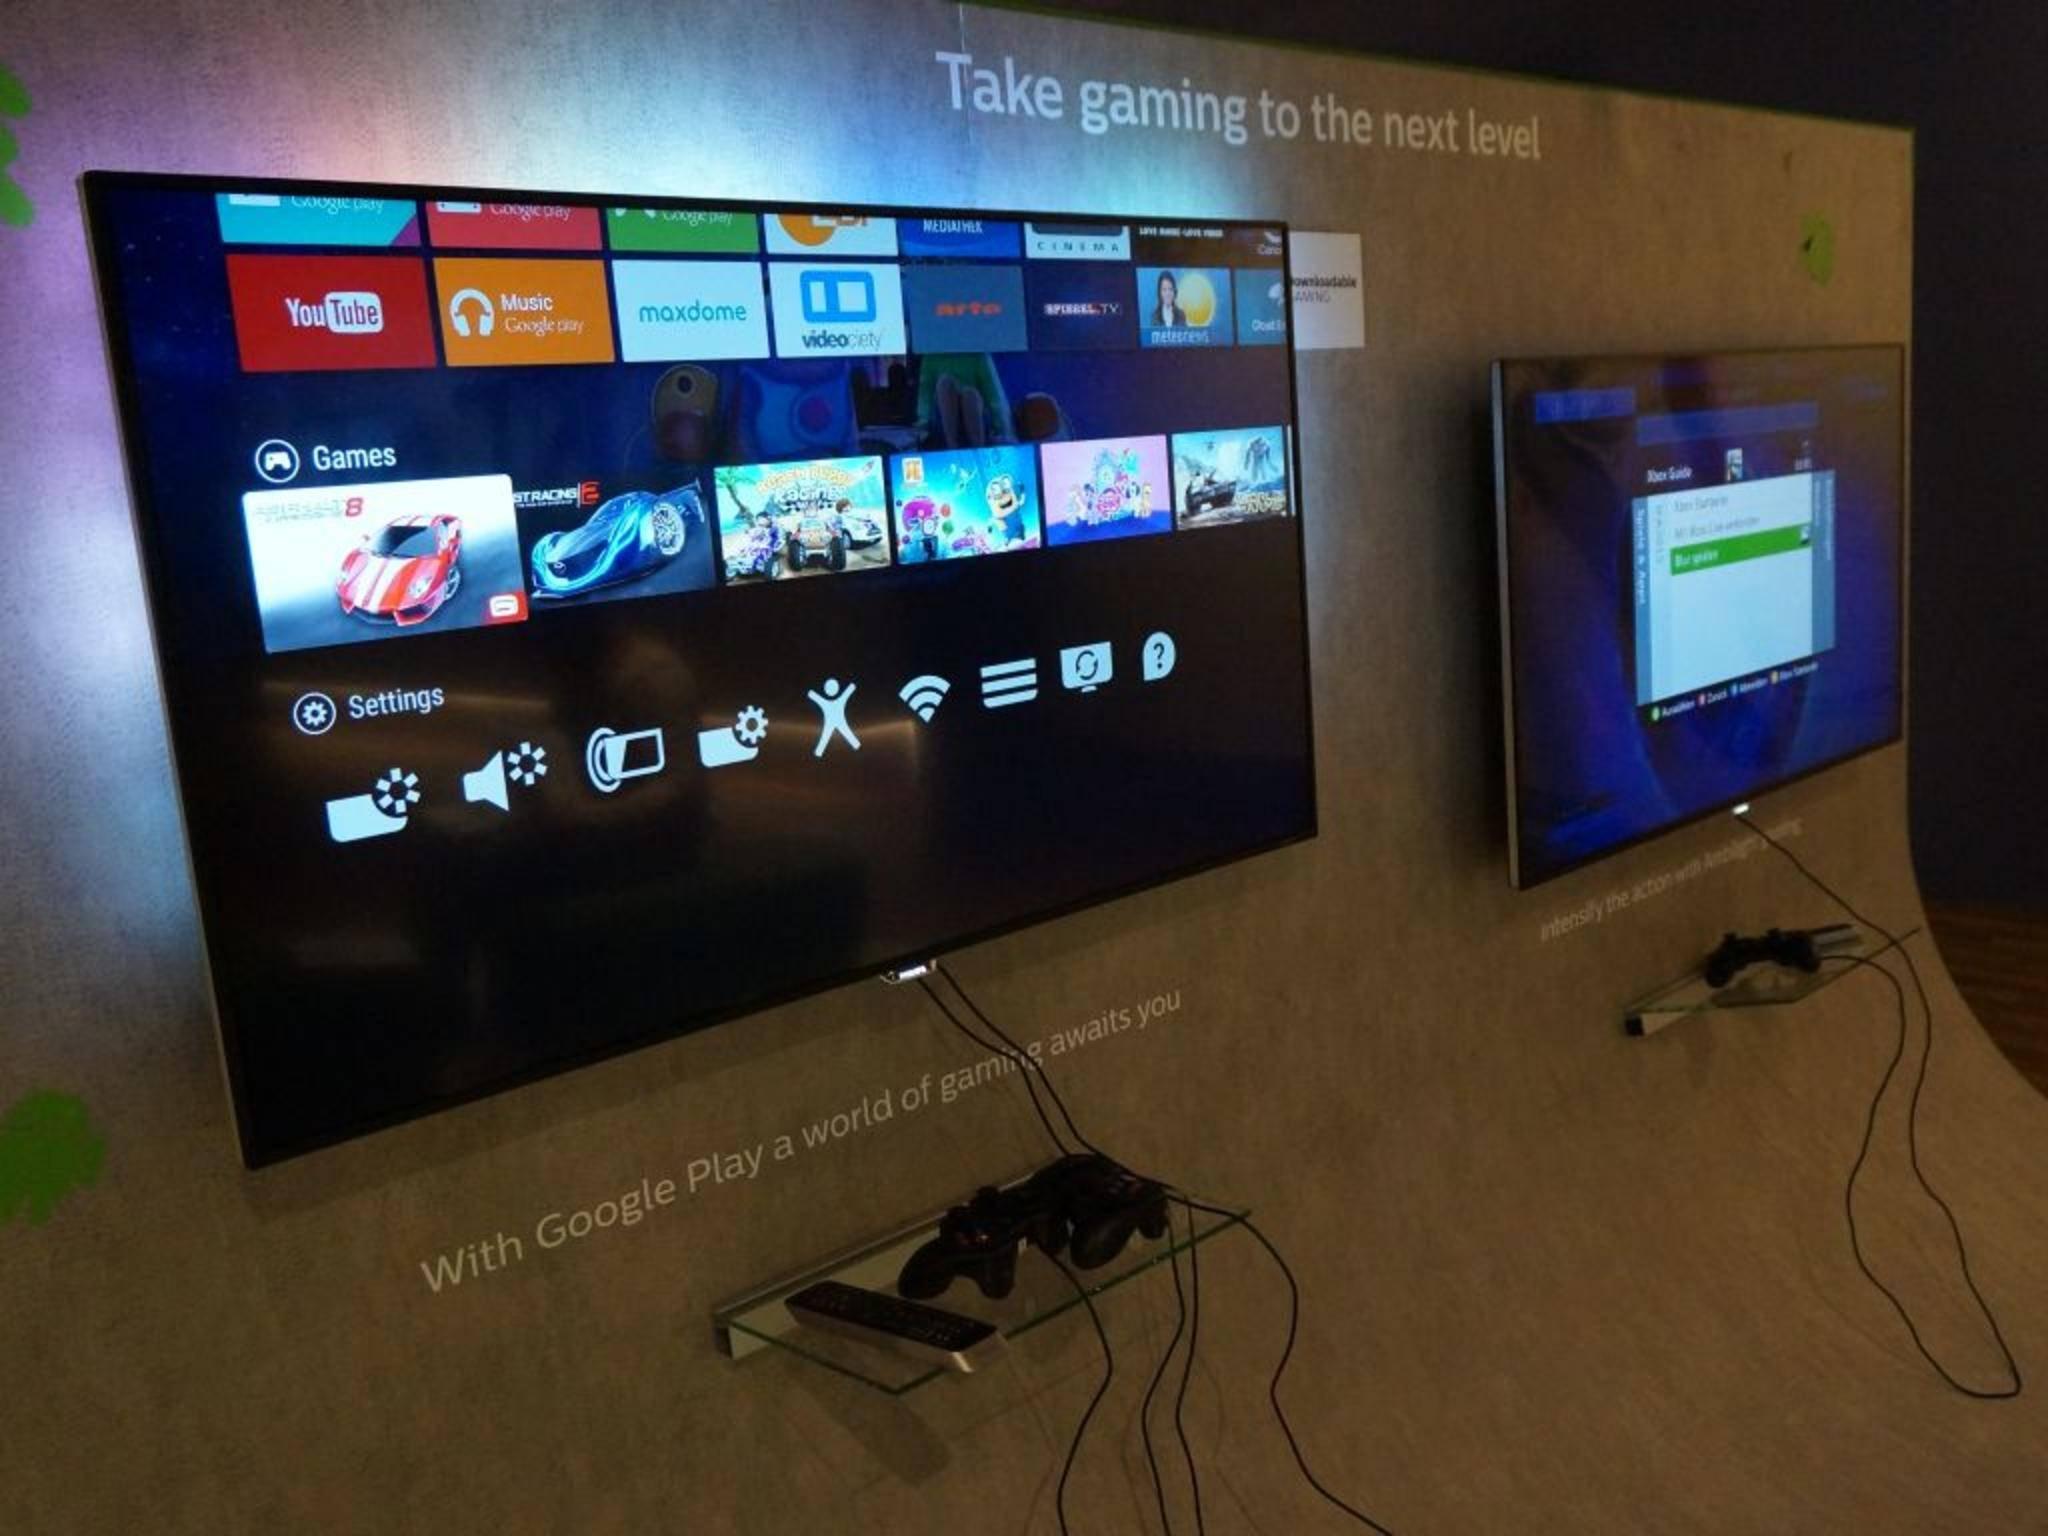 Hat in meinen Augen großes Potenzial: Android TV bei Philips.